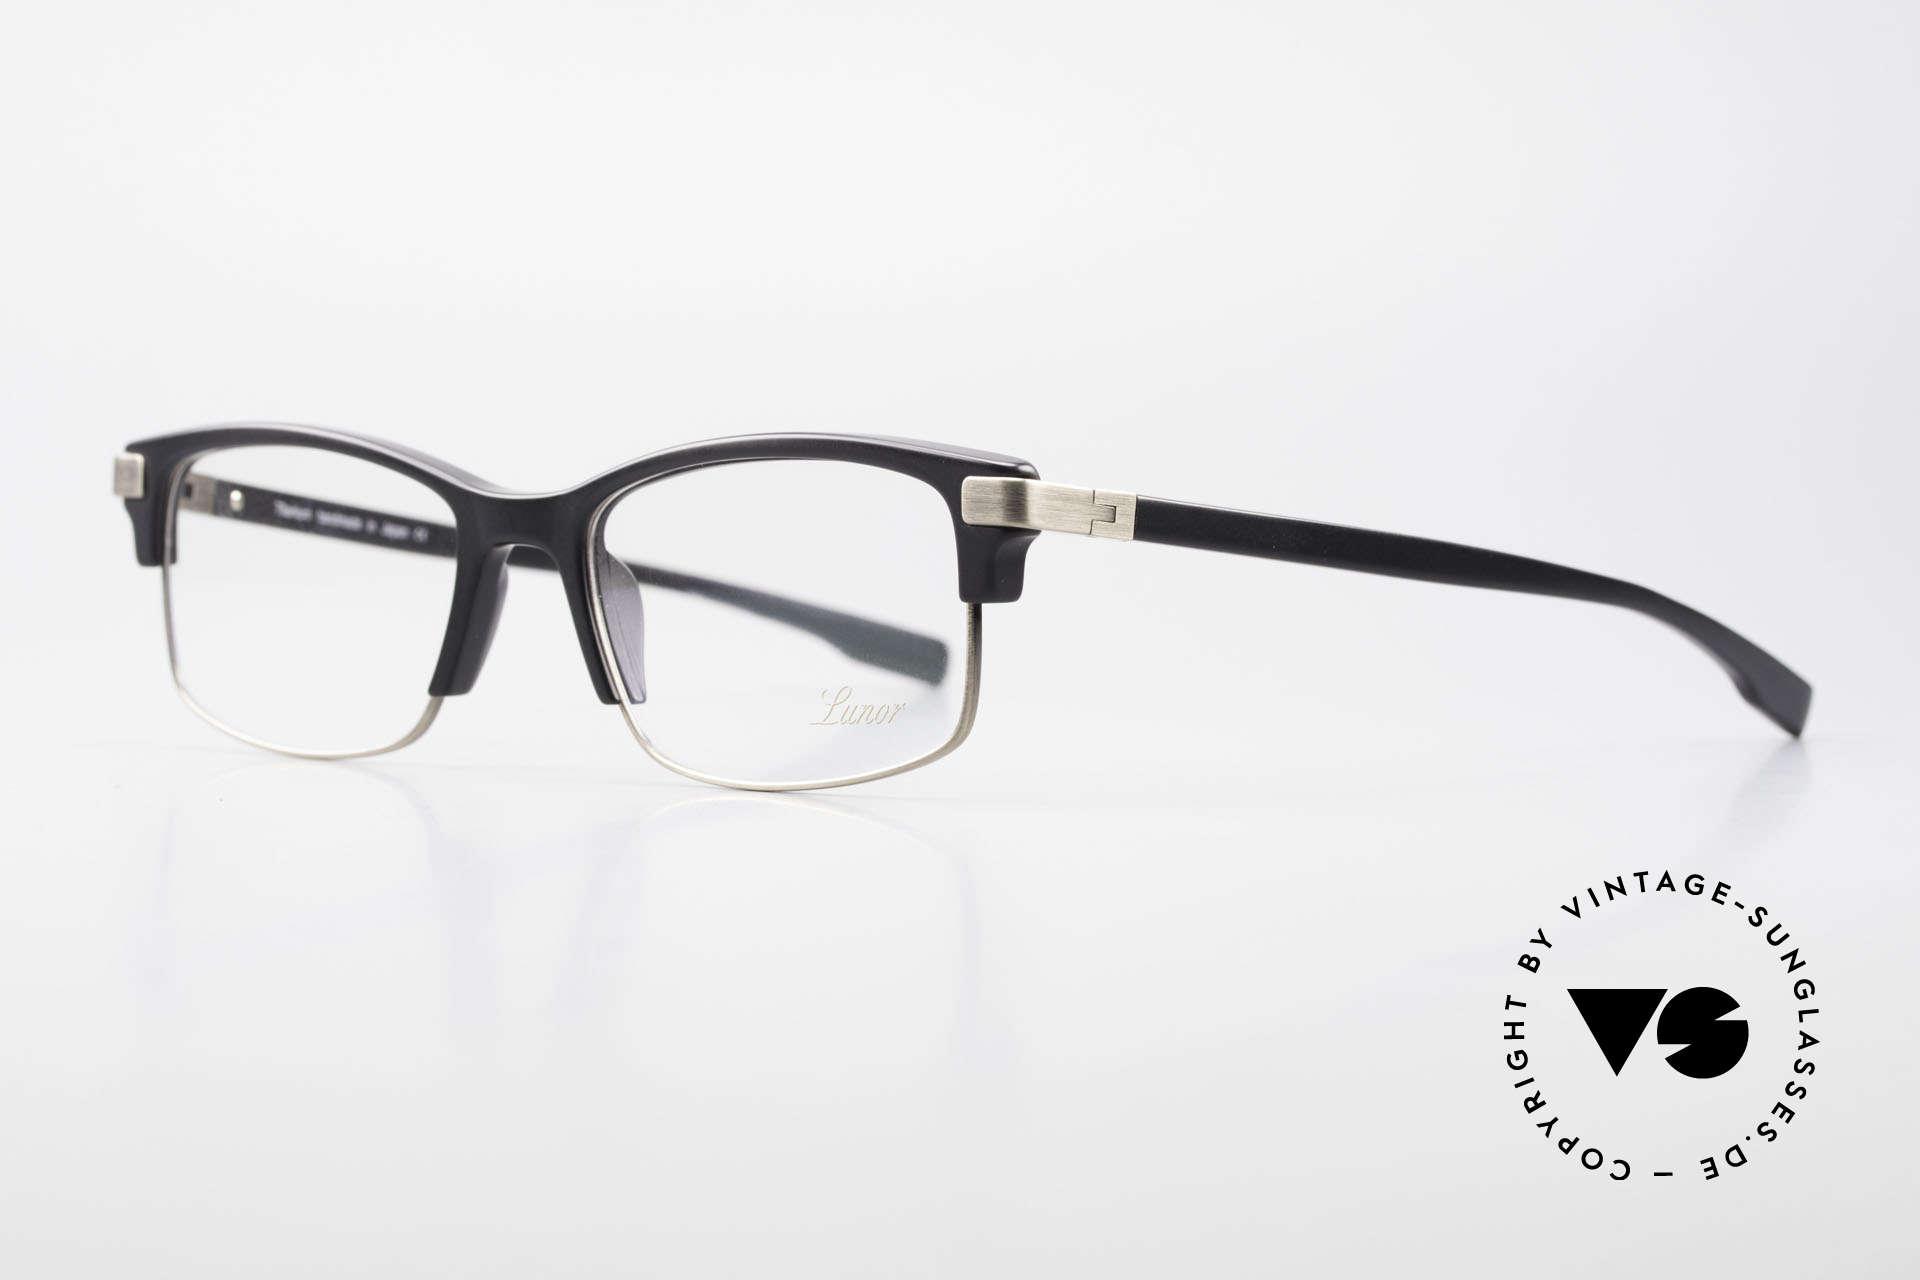 Lunor Combi V Mod 50 Designer Kombibrille Titanium, schöne Kombibrille: klassisch, zeitlos und UNISEX, Passend für Herren und Damen